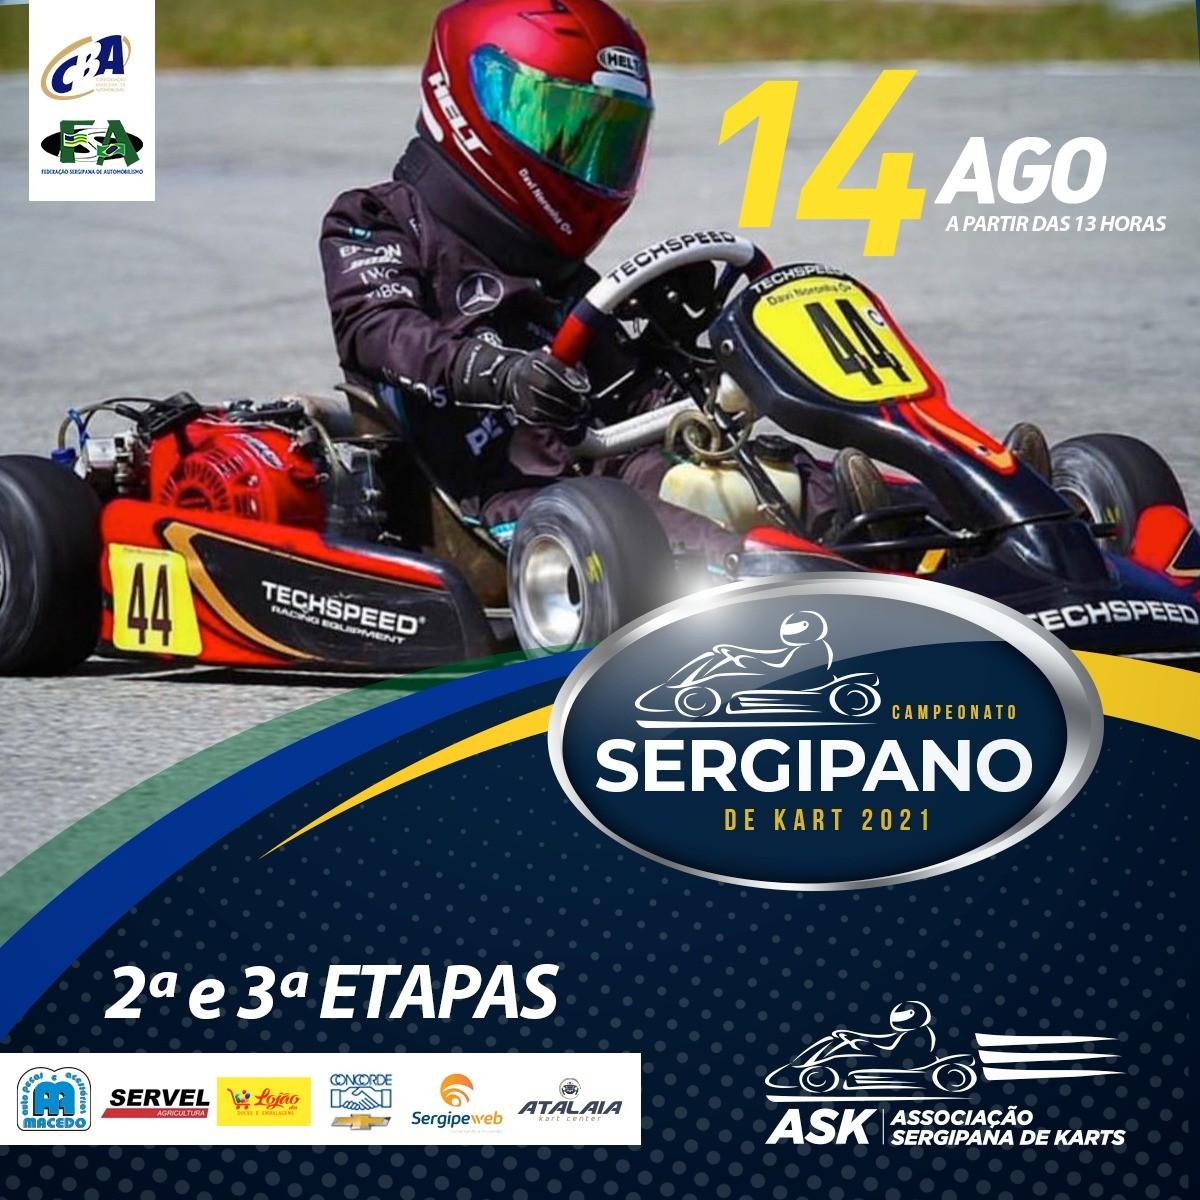 Etapas do Campeonato Sergipano de Kart serão realizadas neste sábado, 14/08 (imagem: Divulgação)